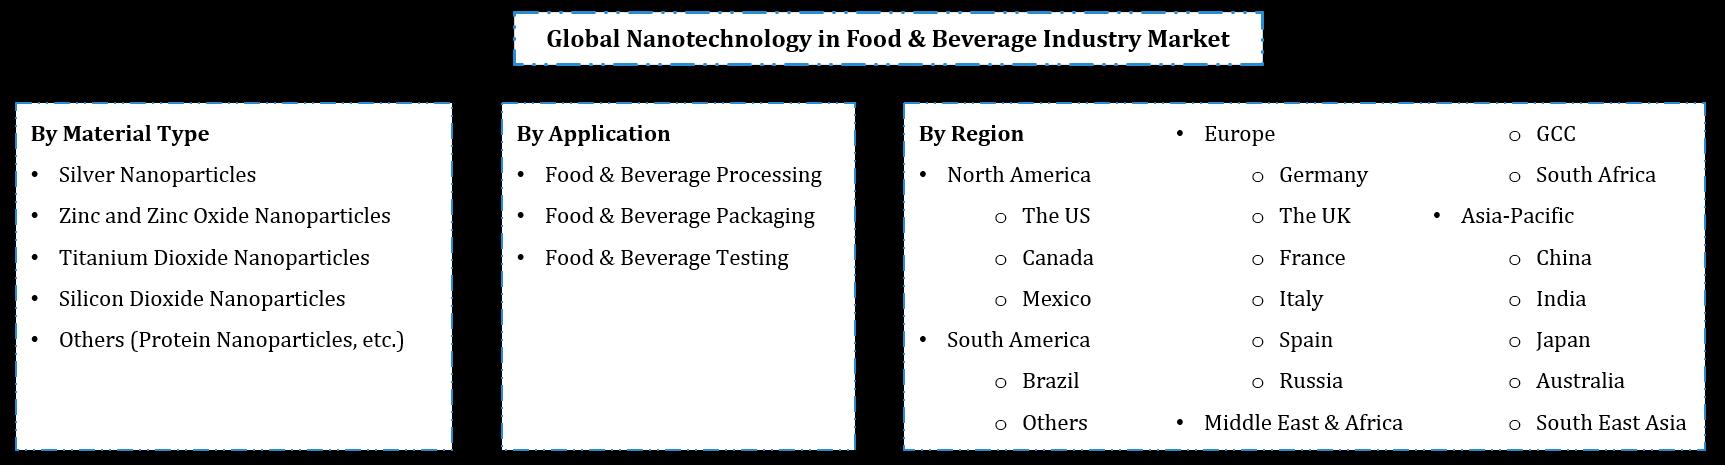 Global Nanotechnology in Food & Beverage Market Segmentation